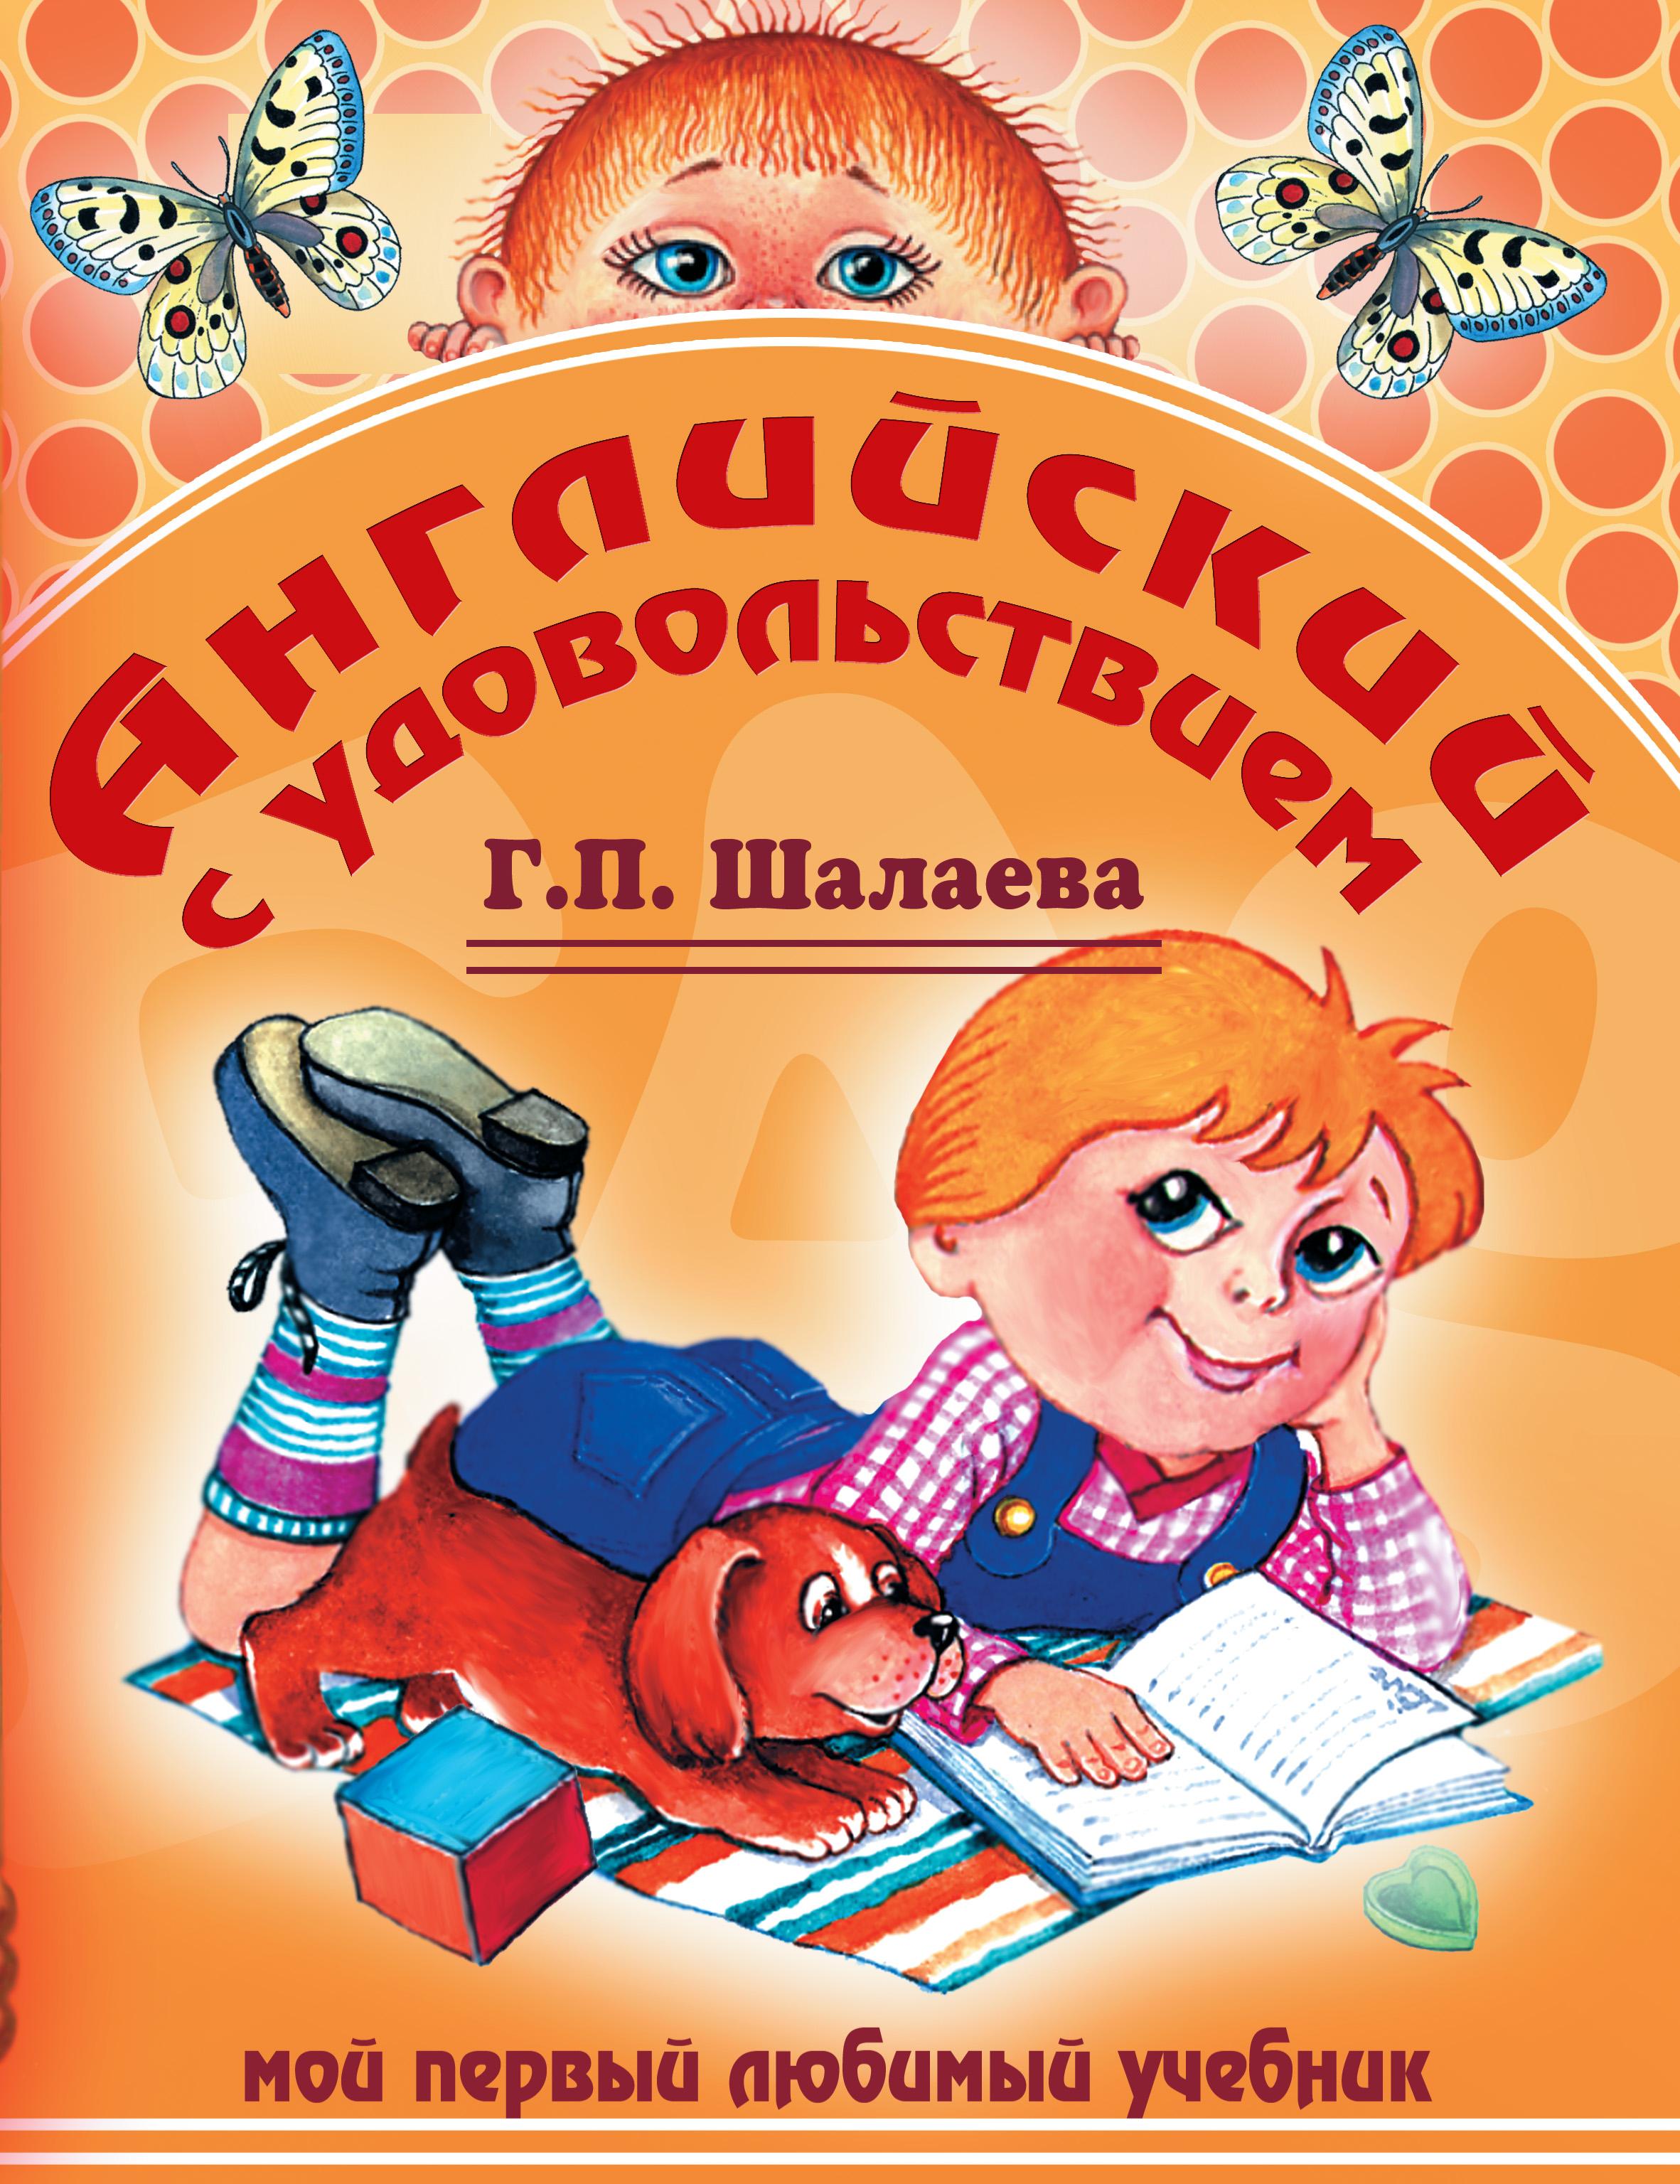 Г. П. Шалаева Английский с удовольствием. Мой первый любимый учебник т п трясорукова прописи по английскому языку для дошкольников и младших школьников